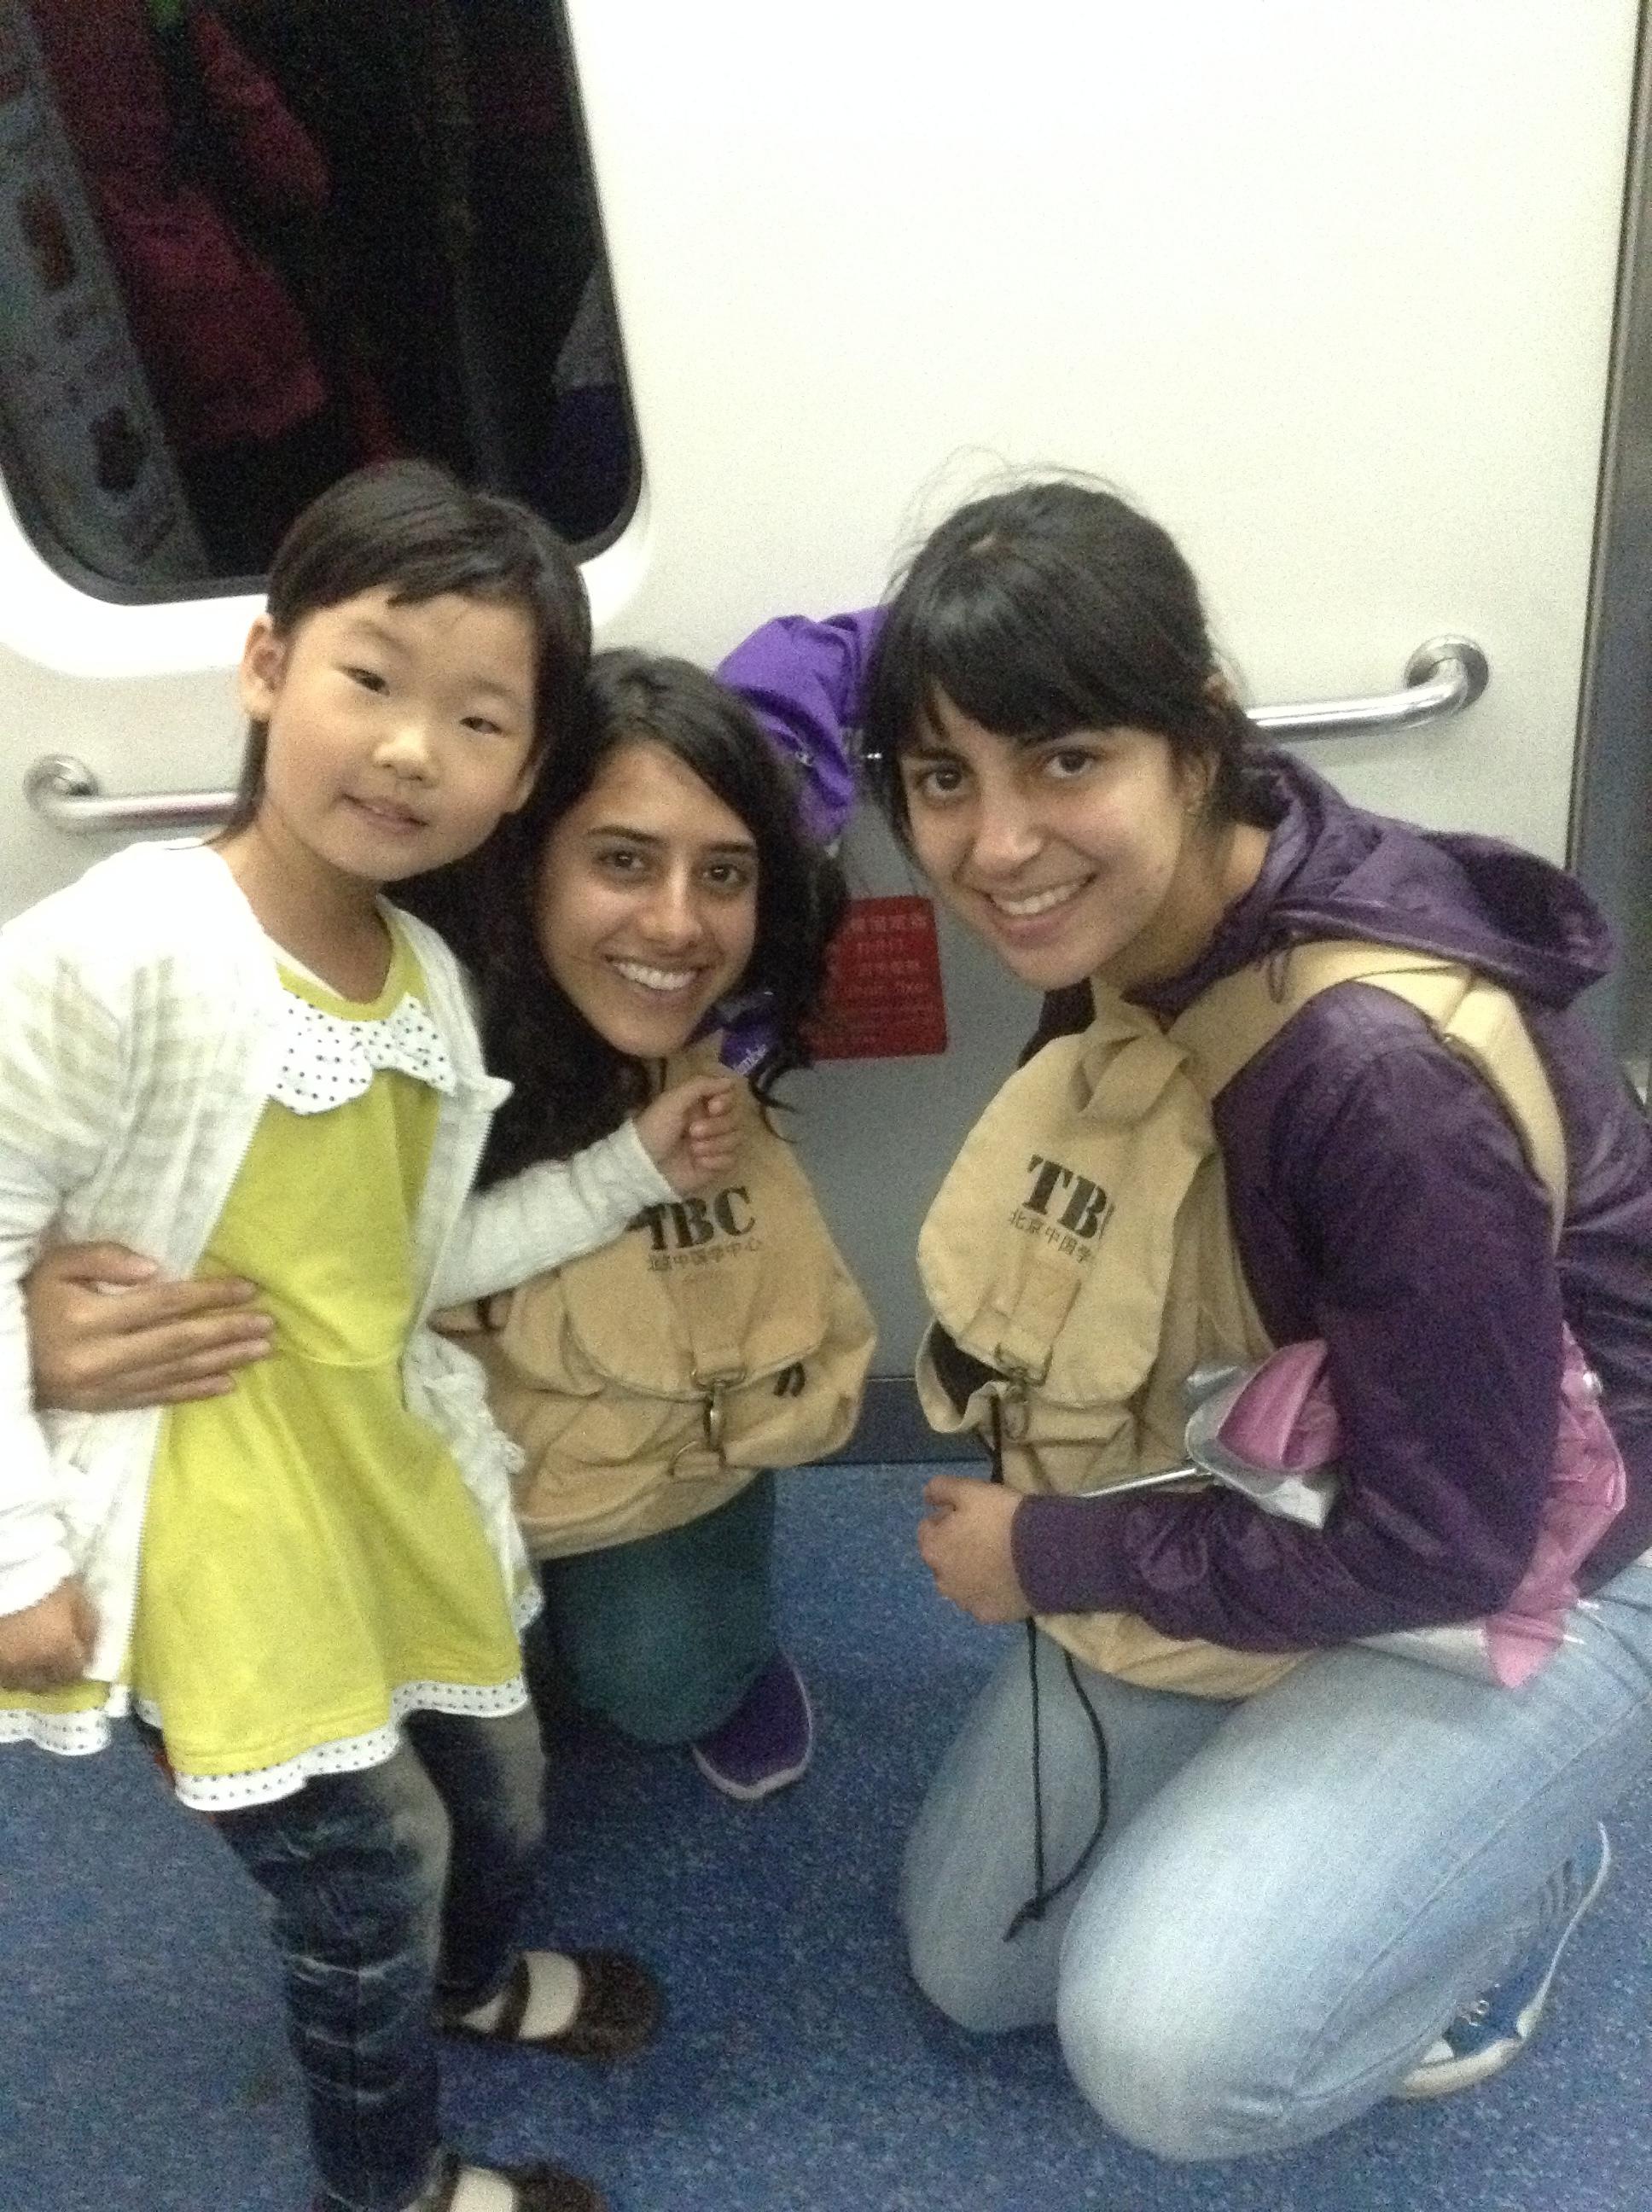 En el metro con una belleza han y Lauris, mi hermanita colombiana en China